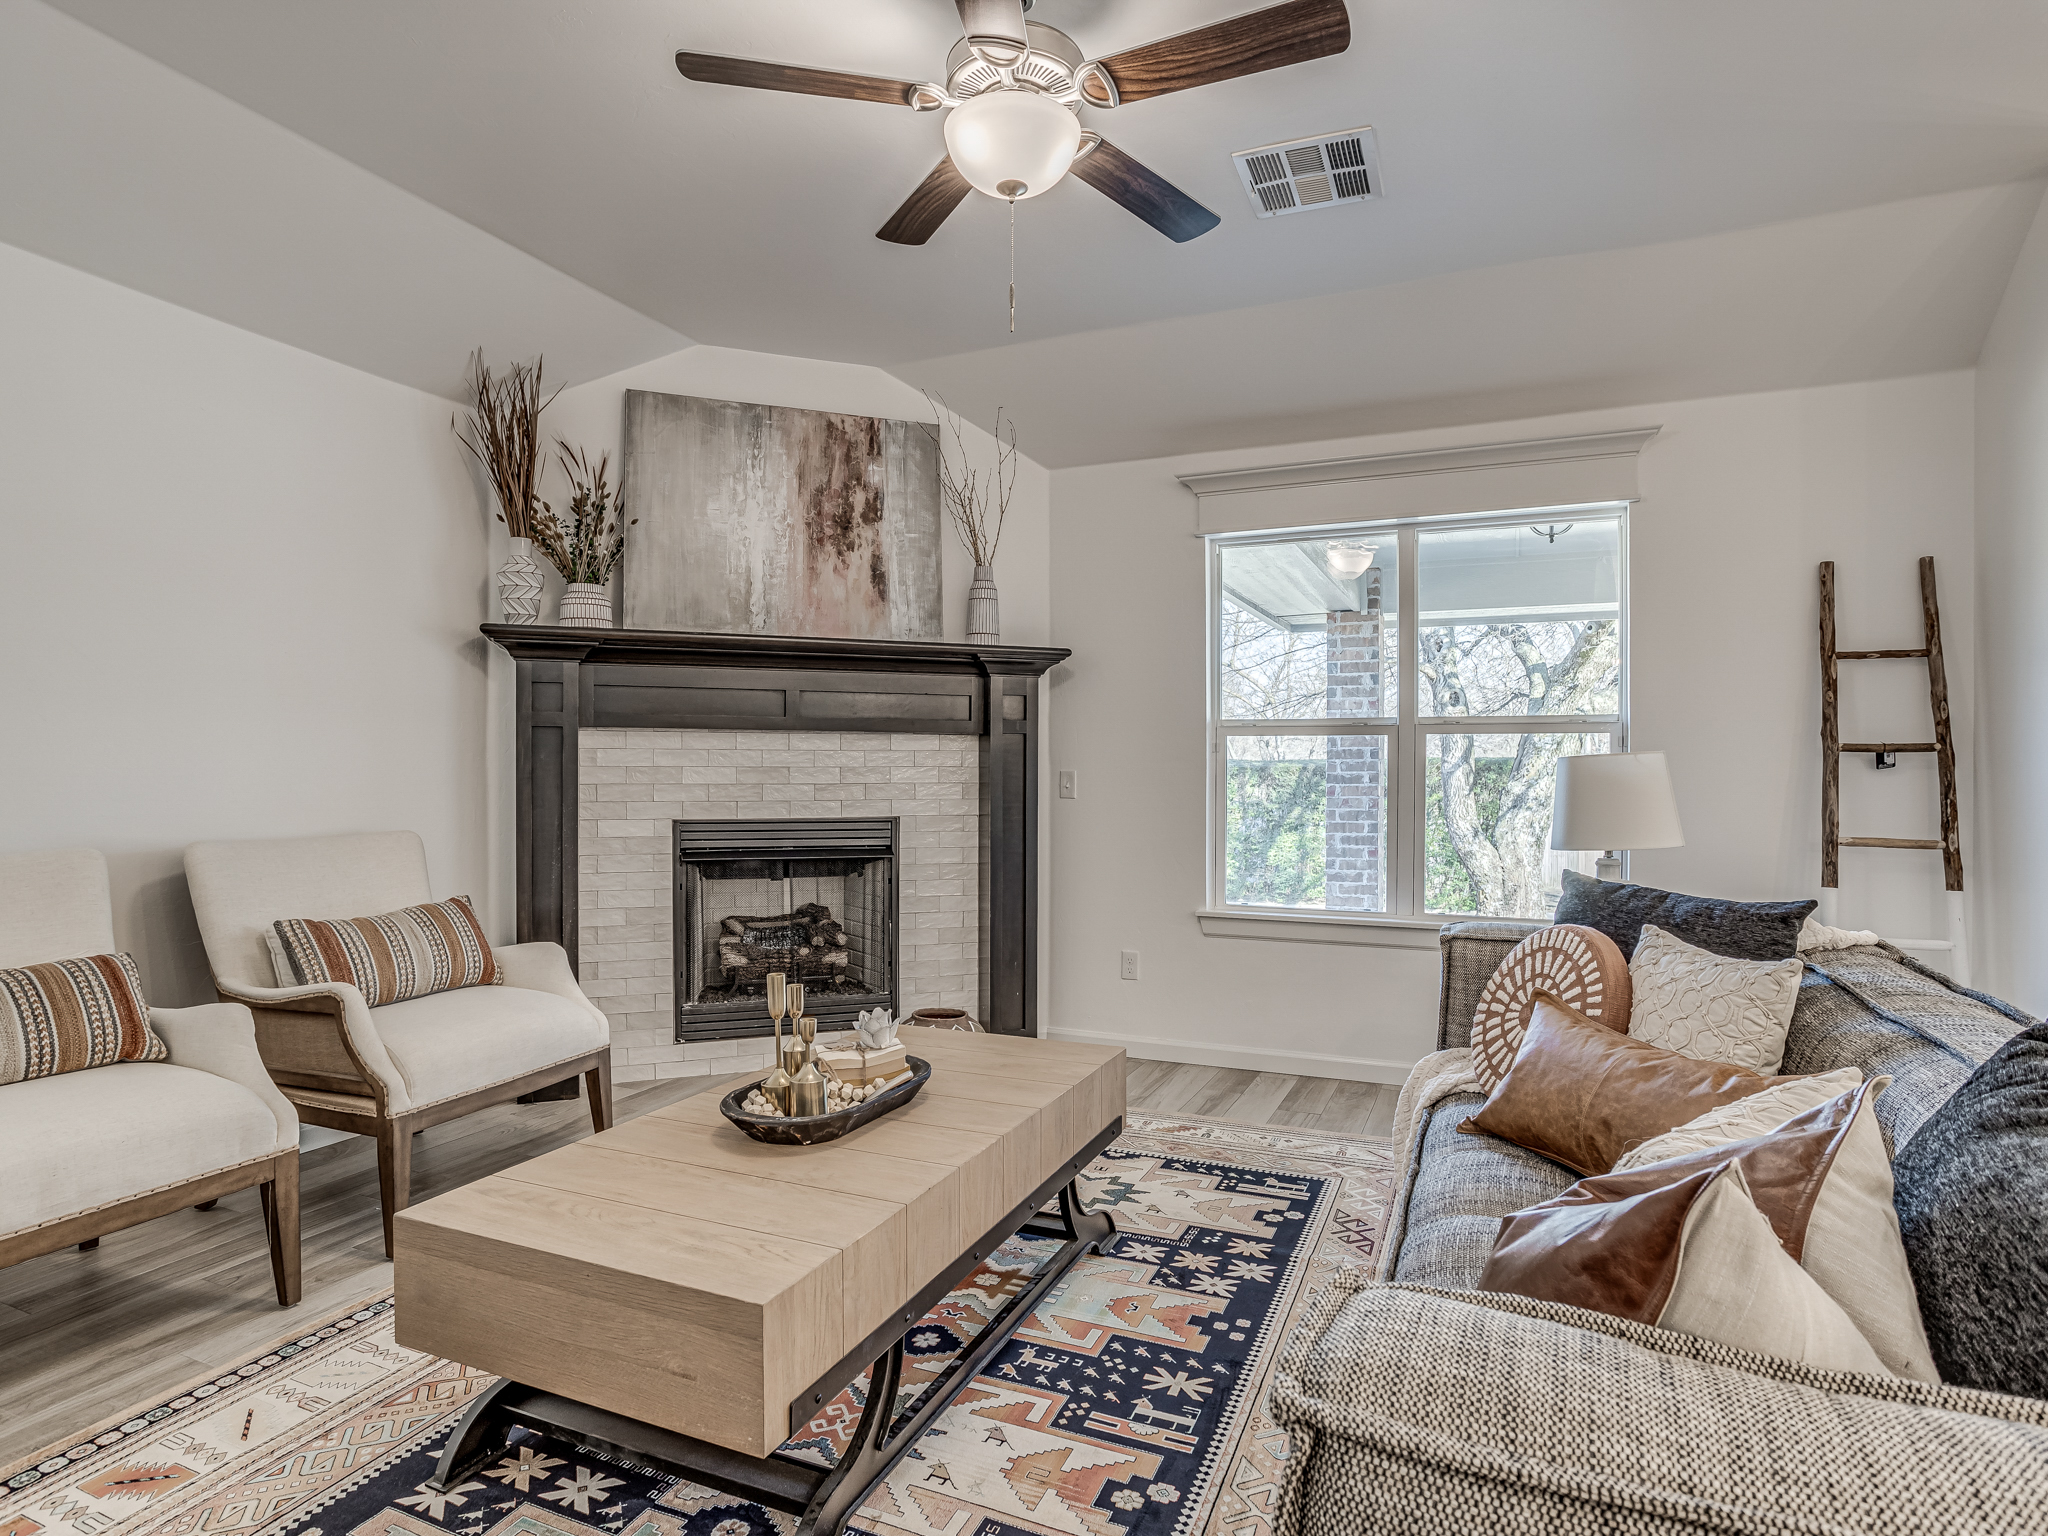 805 Azalea Farms Road, Noble, Oklahoma 73068, 3 Bedrooms Bedrooms, ,2 BathroomsBathrooms,House,For Sale,805 Azalea Farms Road,1020